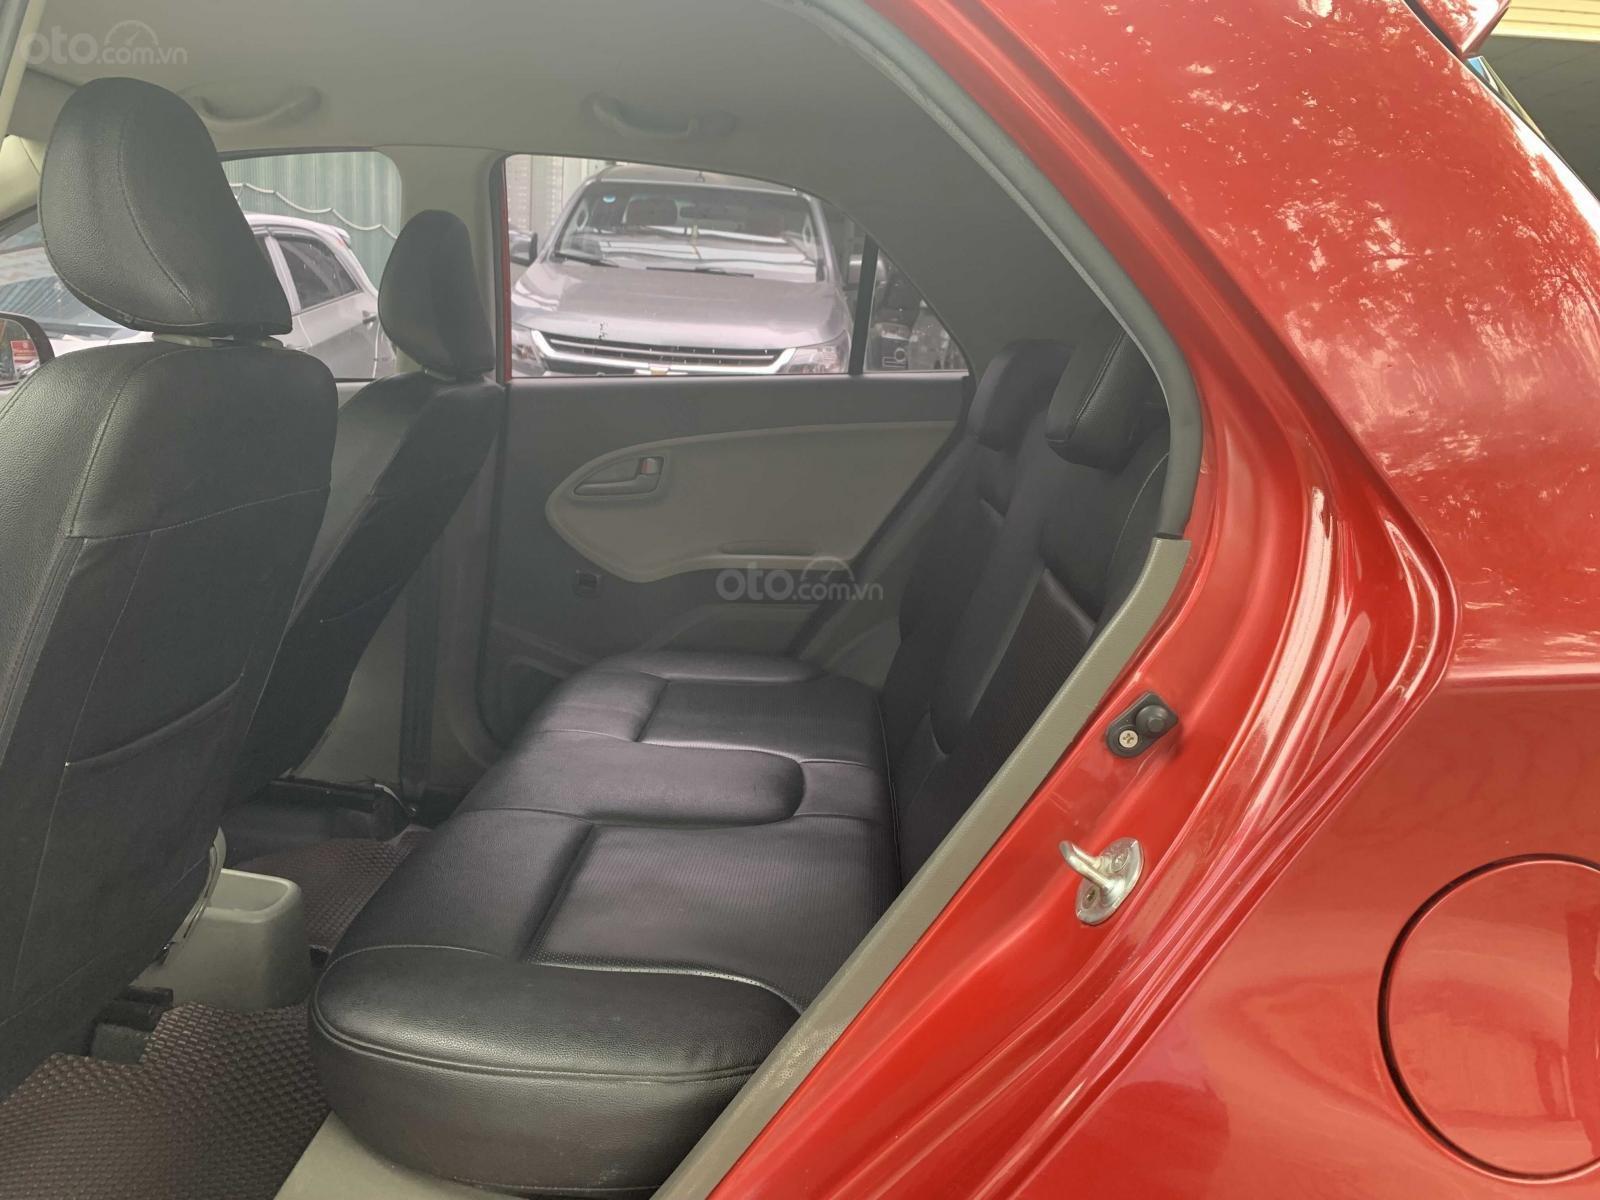 Bán xe Kia Morning đời 2016, màu đỏ  (7)